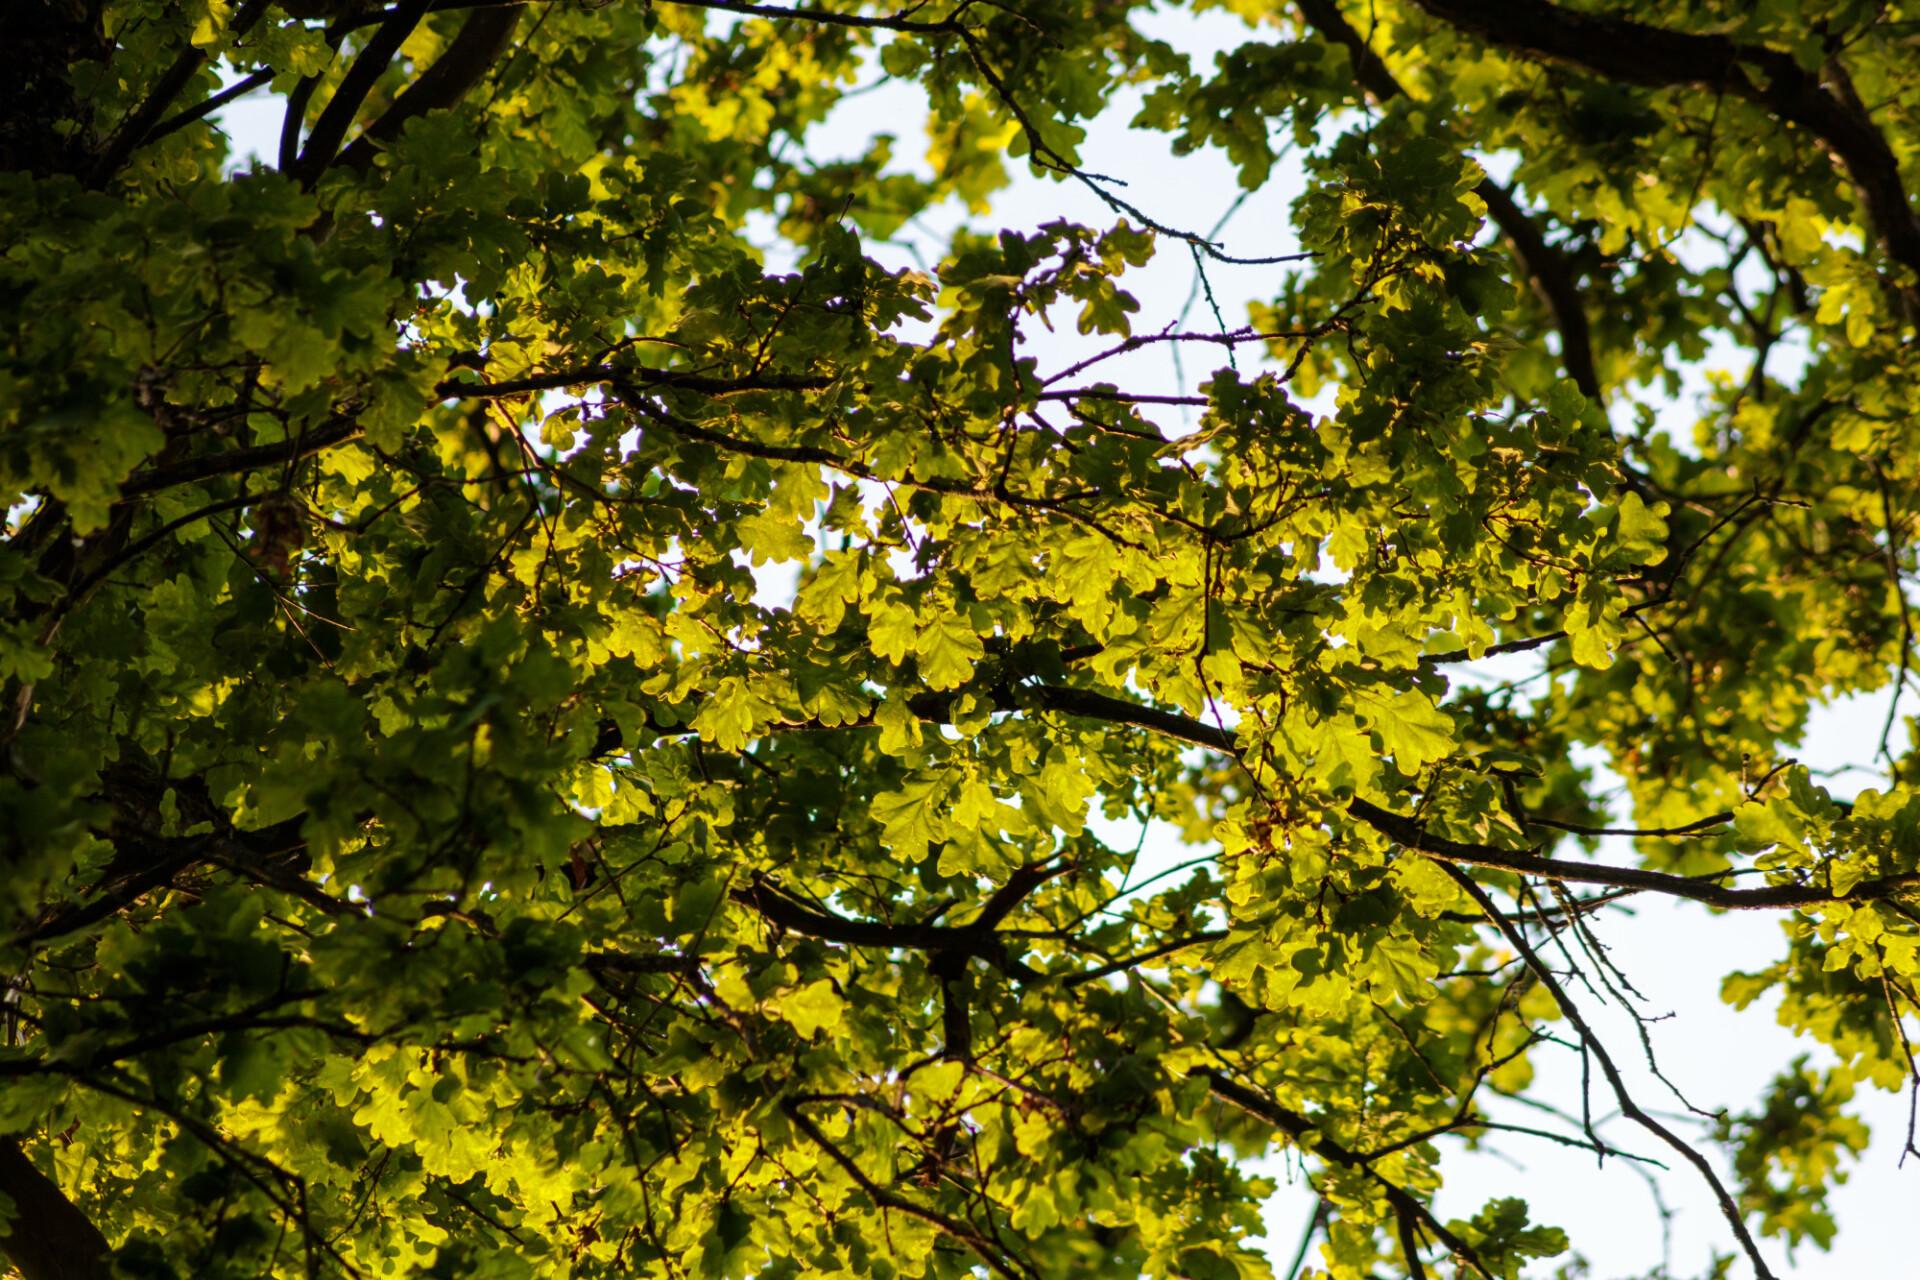 Tree crown of an oak